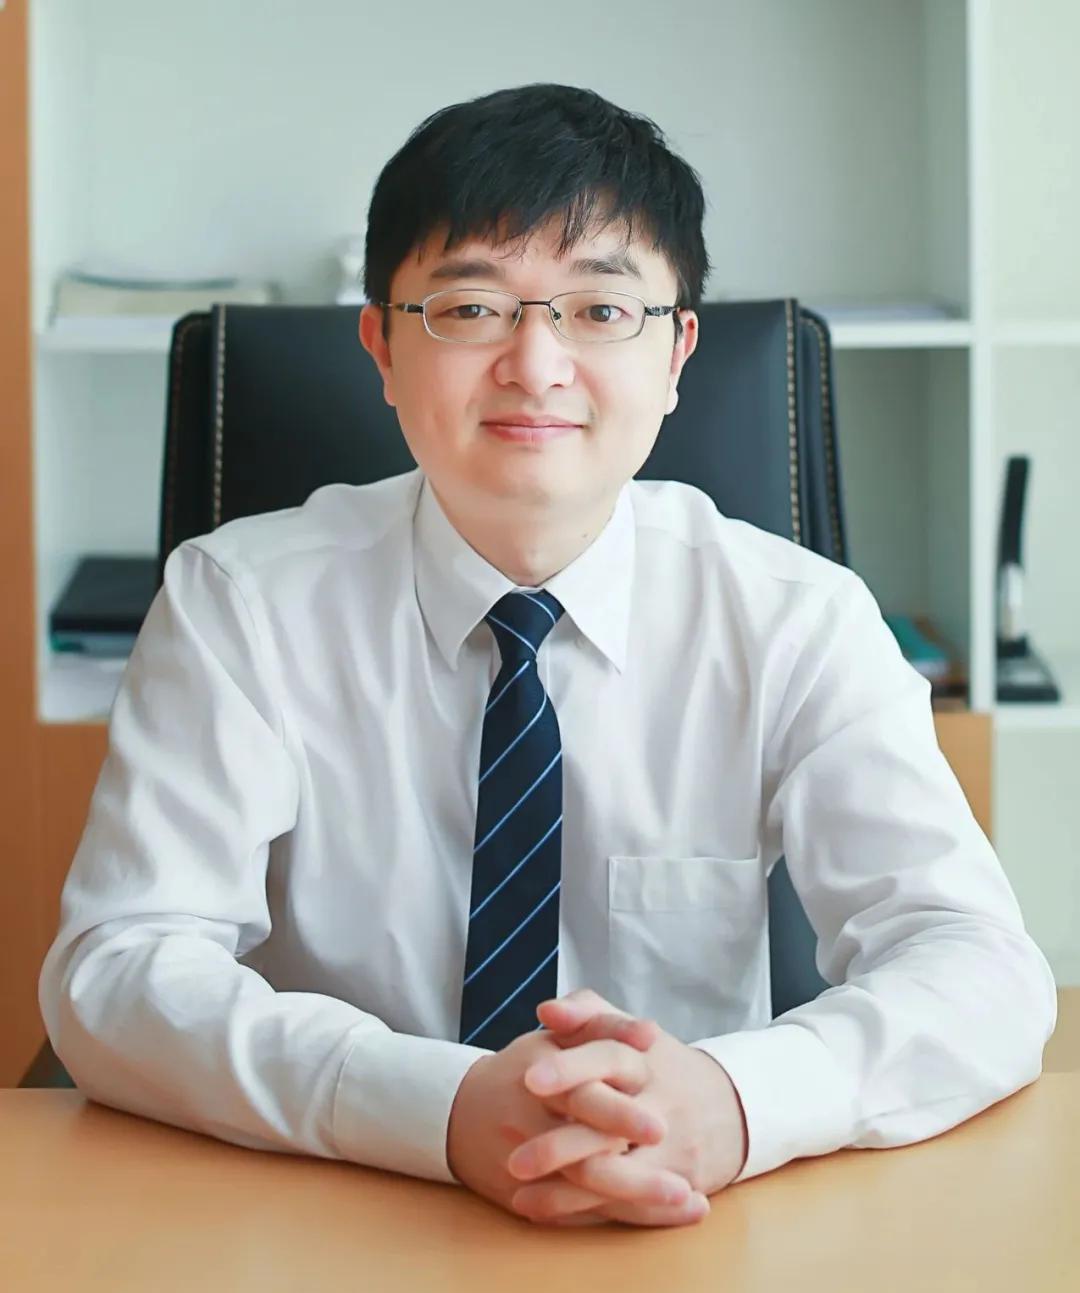 参与中国第一个基因组,MIT哈佛双博士,今携核心技术创业西安